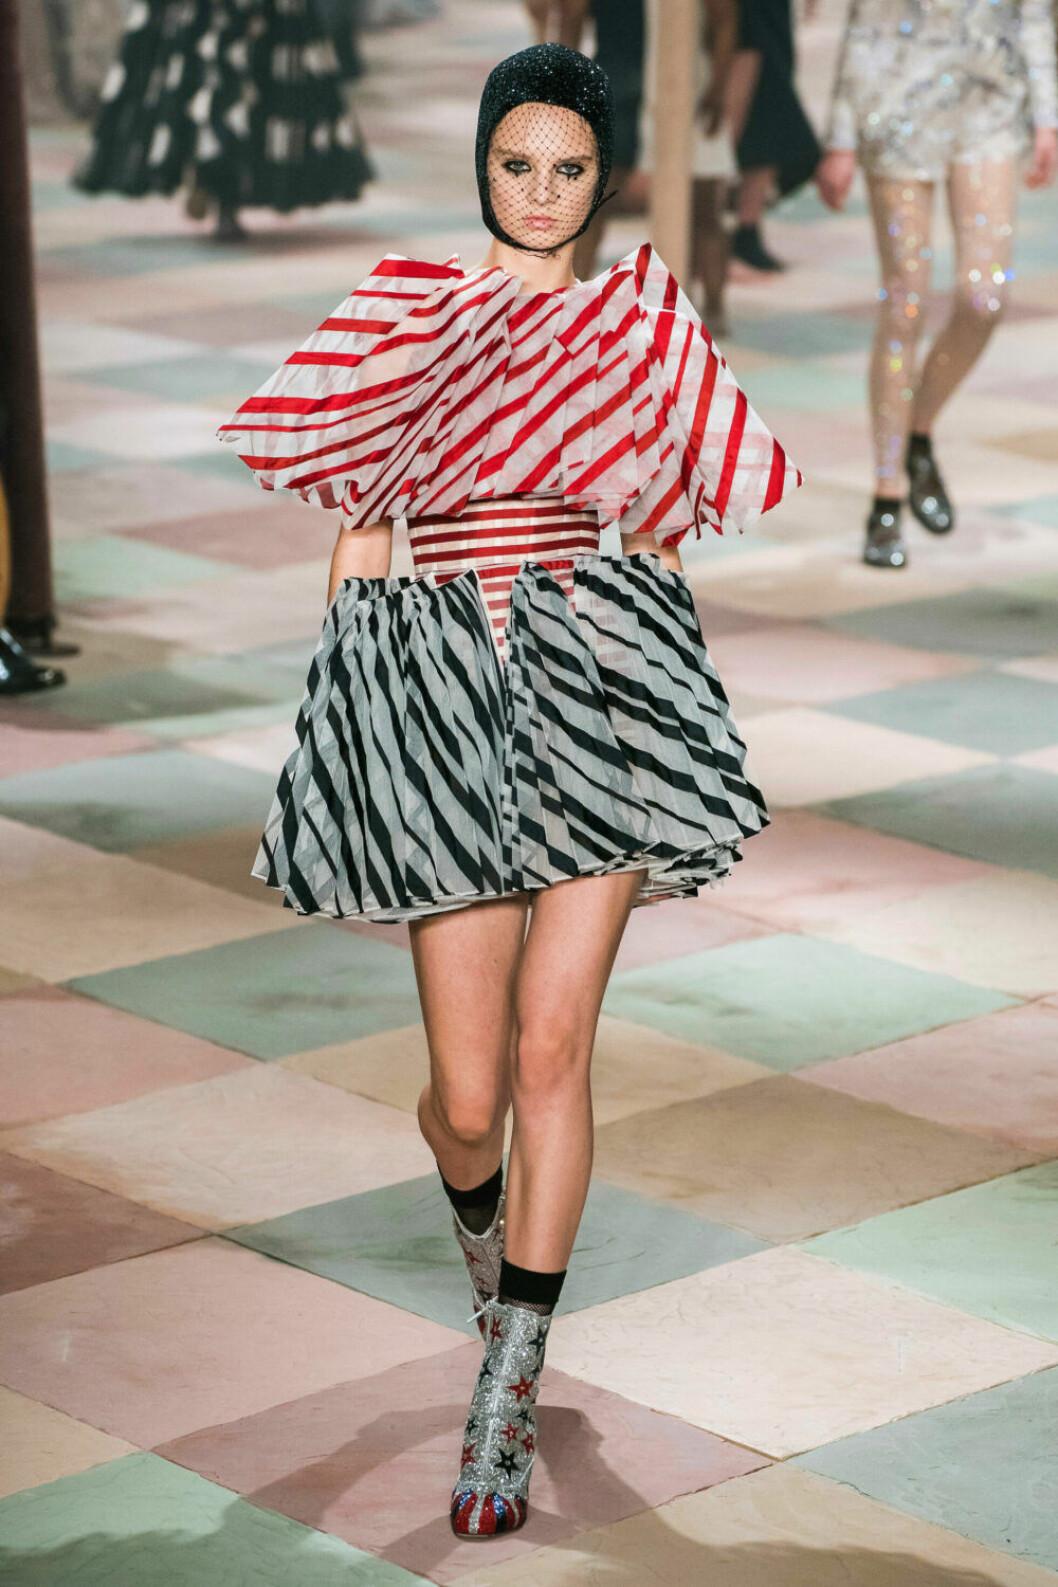 Randig klänning från Dior SS19 haute couture